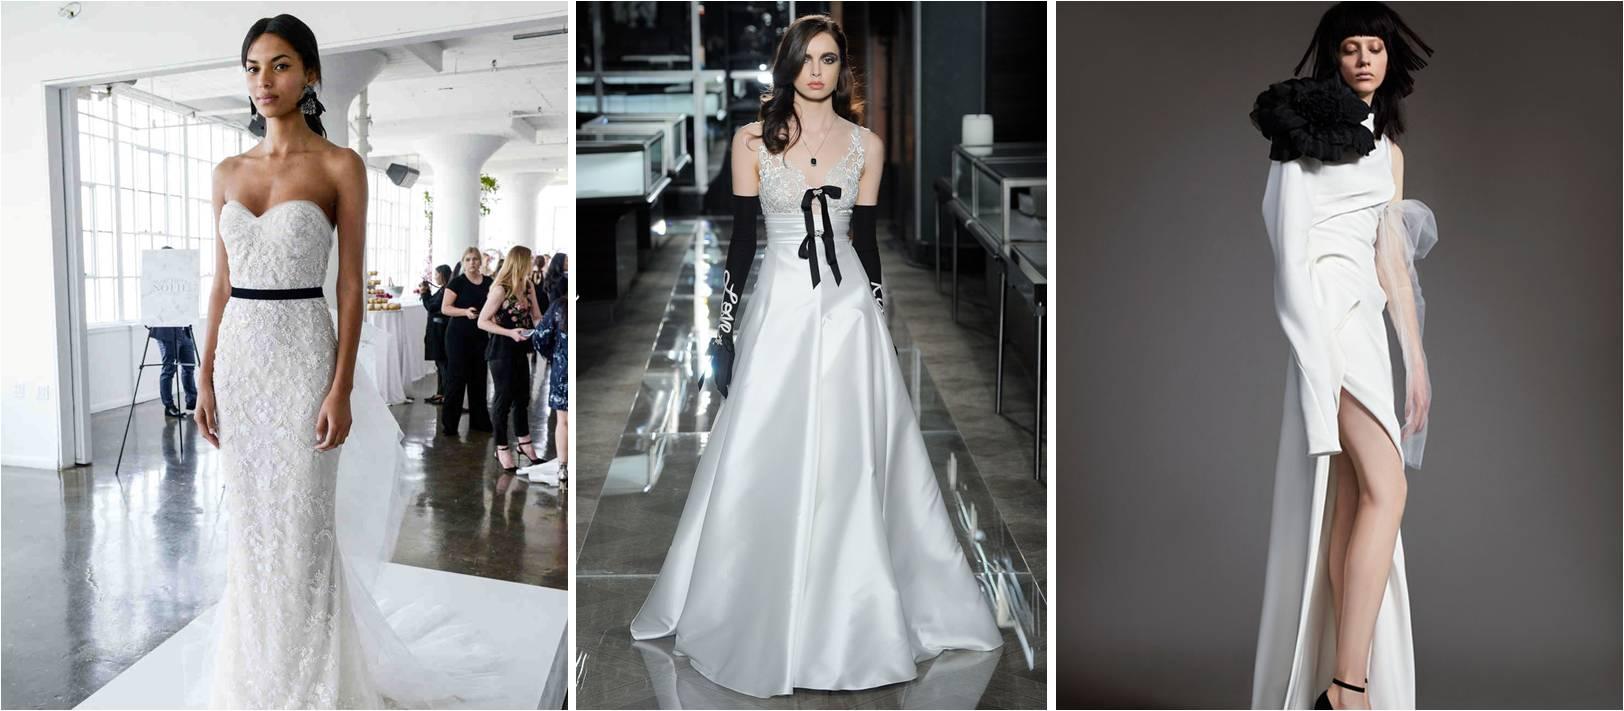 8d227102e64 Еще в средние века свадебные платья были исключительно голубого цвета.  Именно данный тон являлся символом чистоты и непорочности